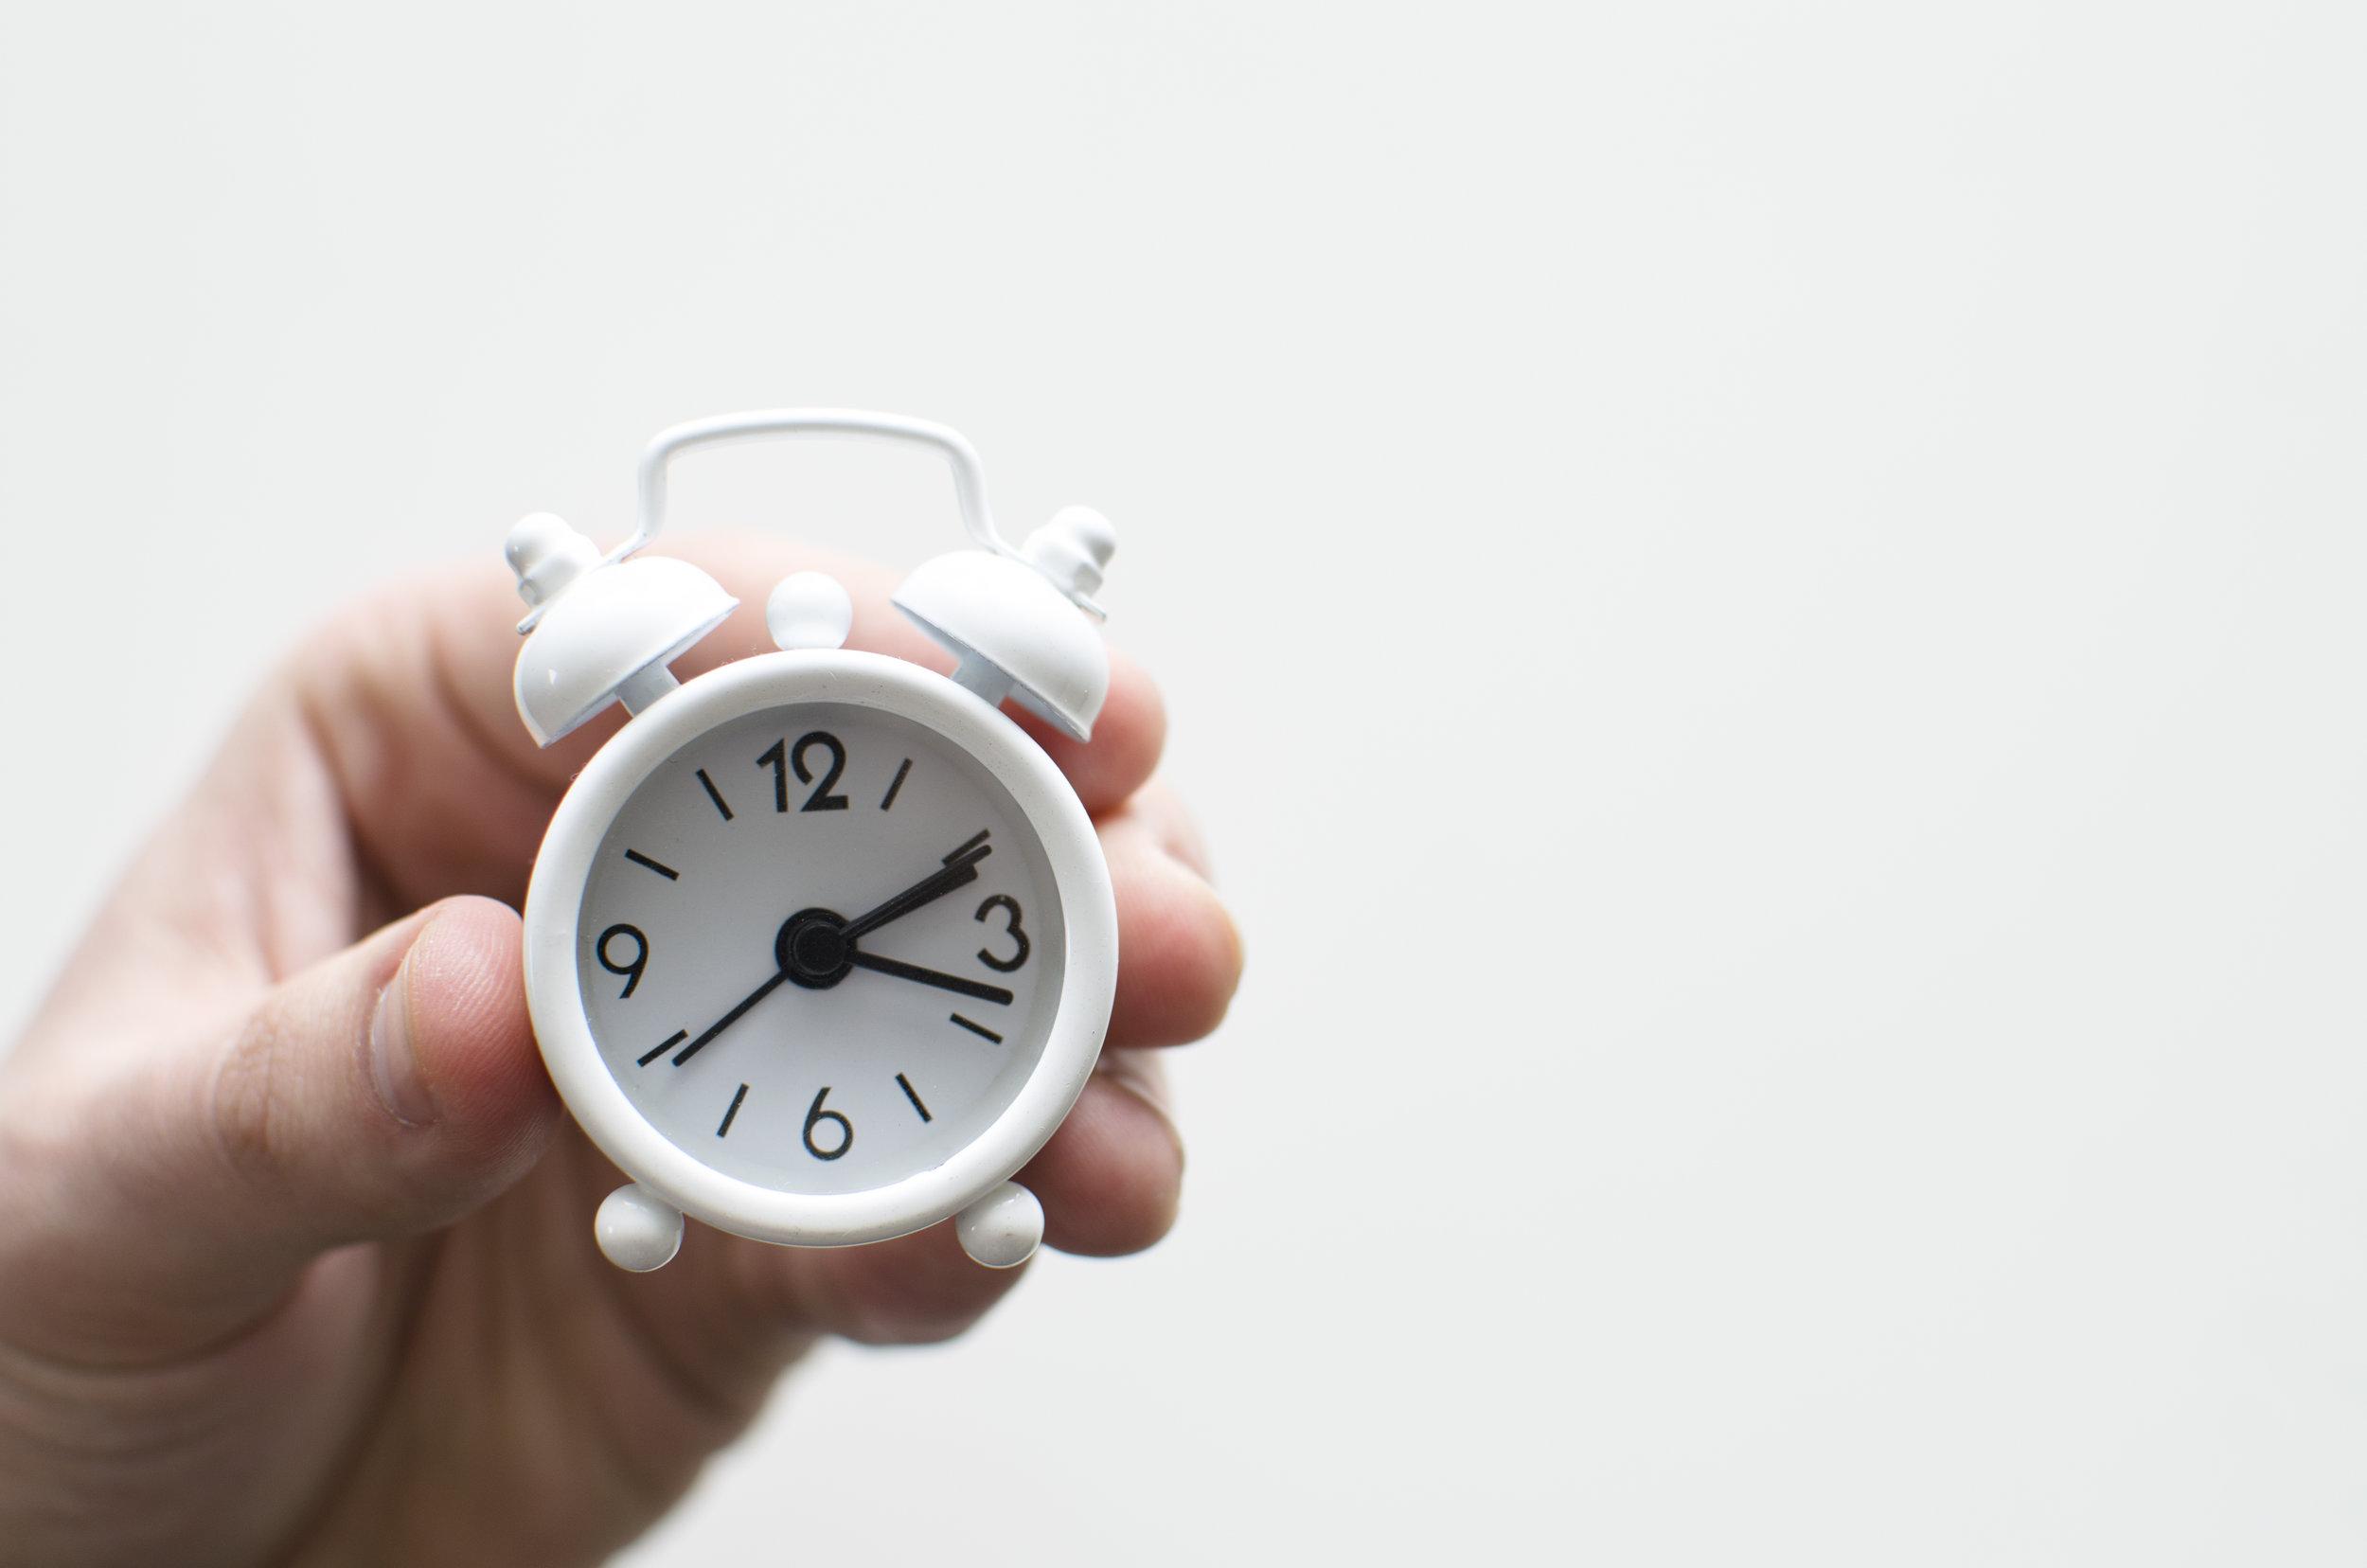 Tijd is geld - Opzij, opzij, opzij, maak plaats, maak plaats, maak plaats, we hebben ongelofelijke haast. Tijd is geld en dat weten onze beheerders. Niemand wil wachten en zéker niet op een systeem dat om de haverklap platligt. Itera-beheerders weten dit als geen ander. Daarom bereiden ze groot onderhoud goed voor en voeren ze het uit tijdens non-productieve uren. Alles zodat jouw systemen altijd draaien.